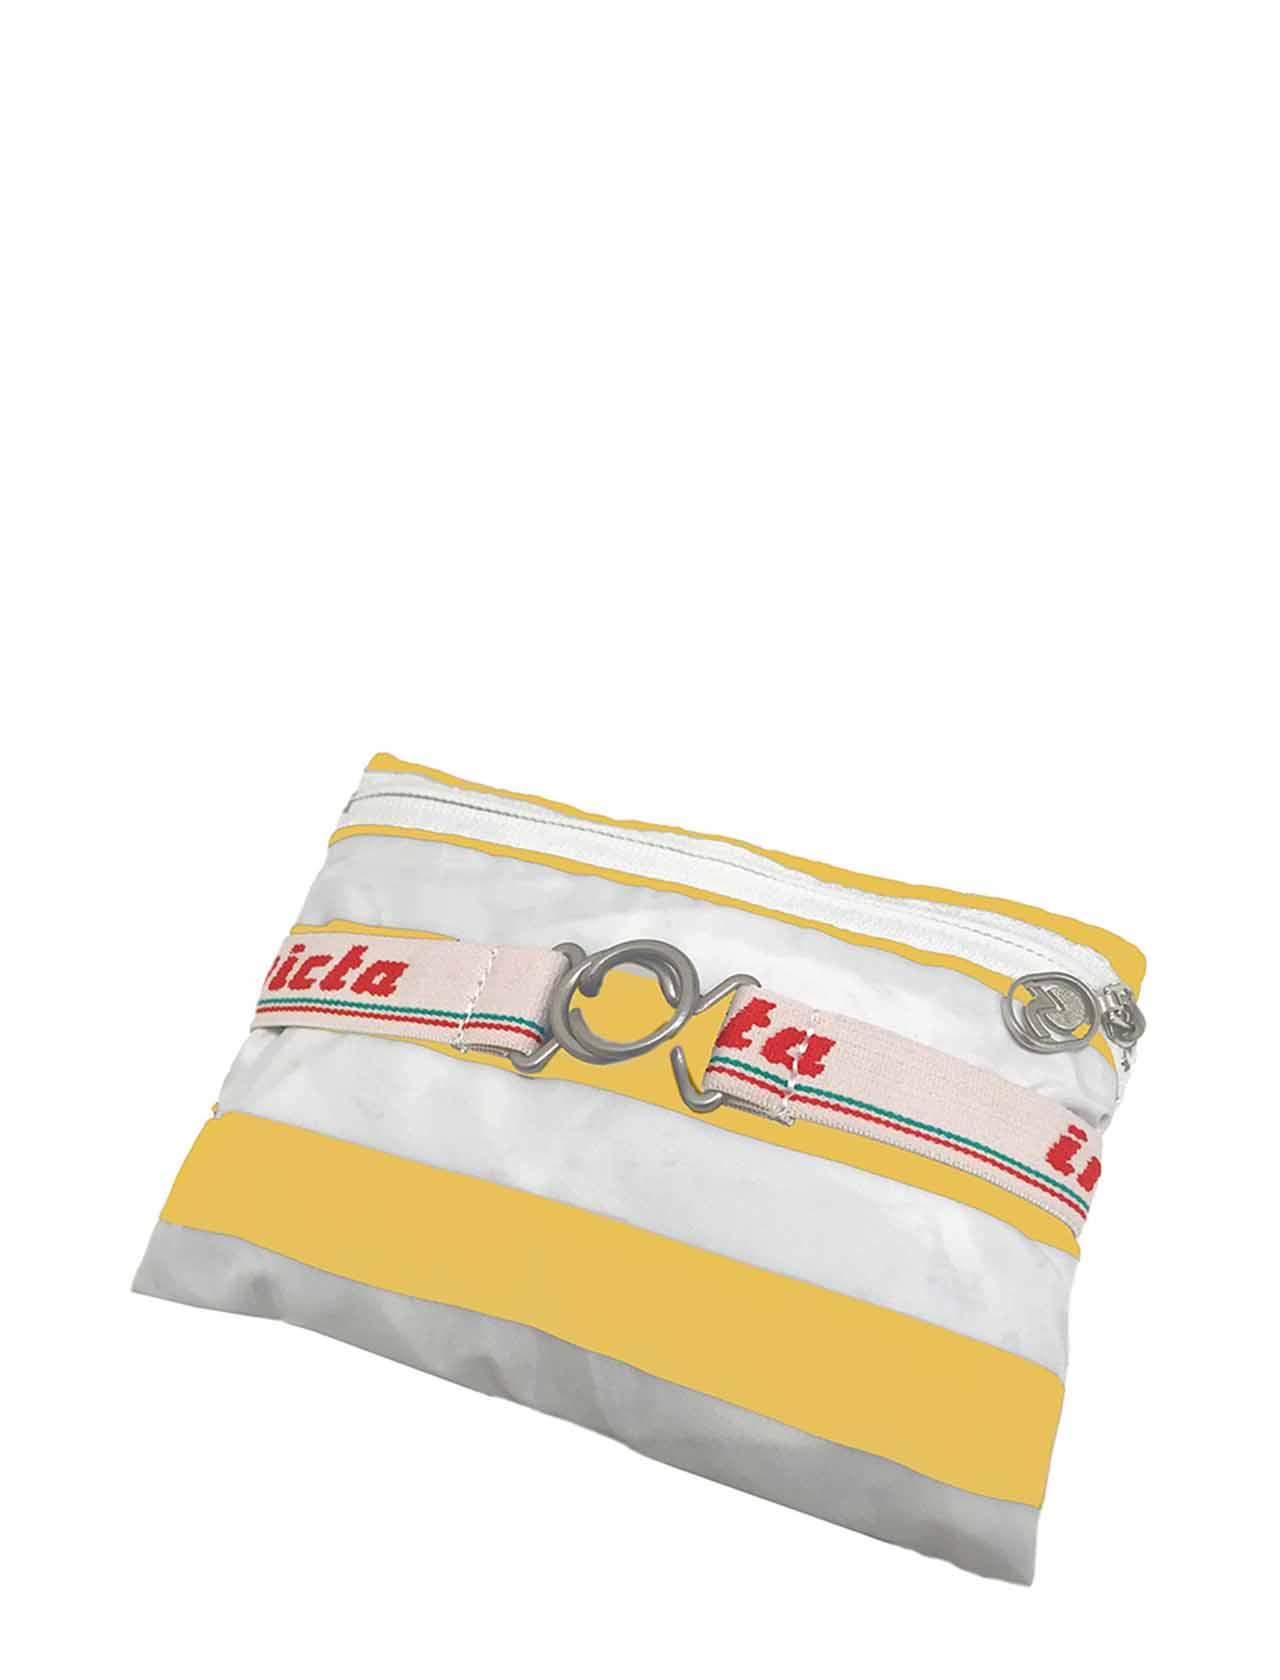 Zaino Unisex Iconico Minisac Bianco e Giallo Ripiegabile 206001662 Invicta   Borse e zaini   MINISAC236